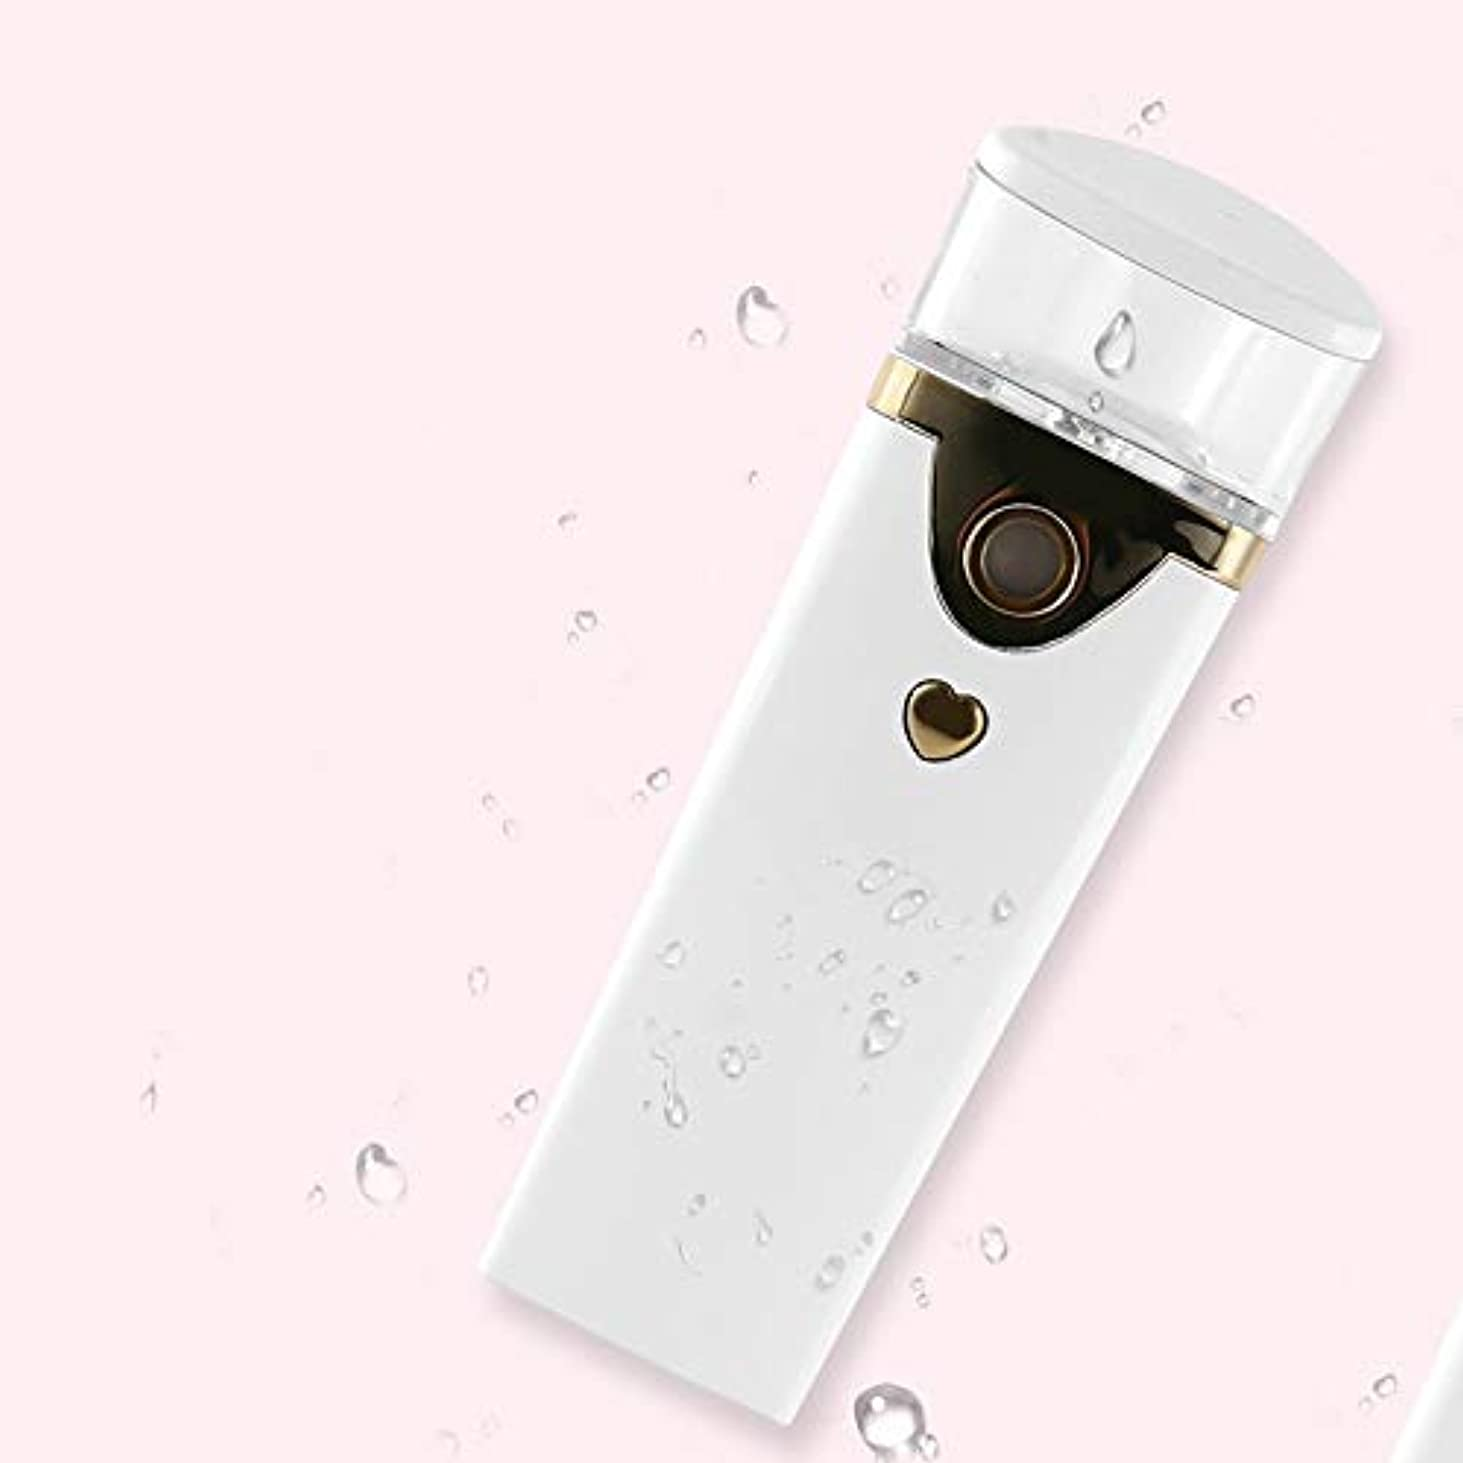 店員プライム無駄なZXF ハンドヘルドポータブルかわいいナノ水道メーターABS材料スチームフェイス水分補給美容器具噴霧器ホワイト 滑らかである